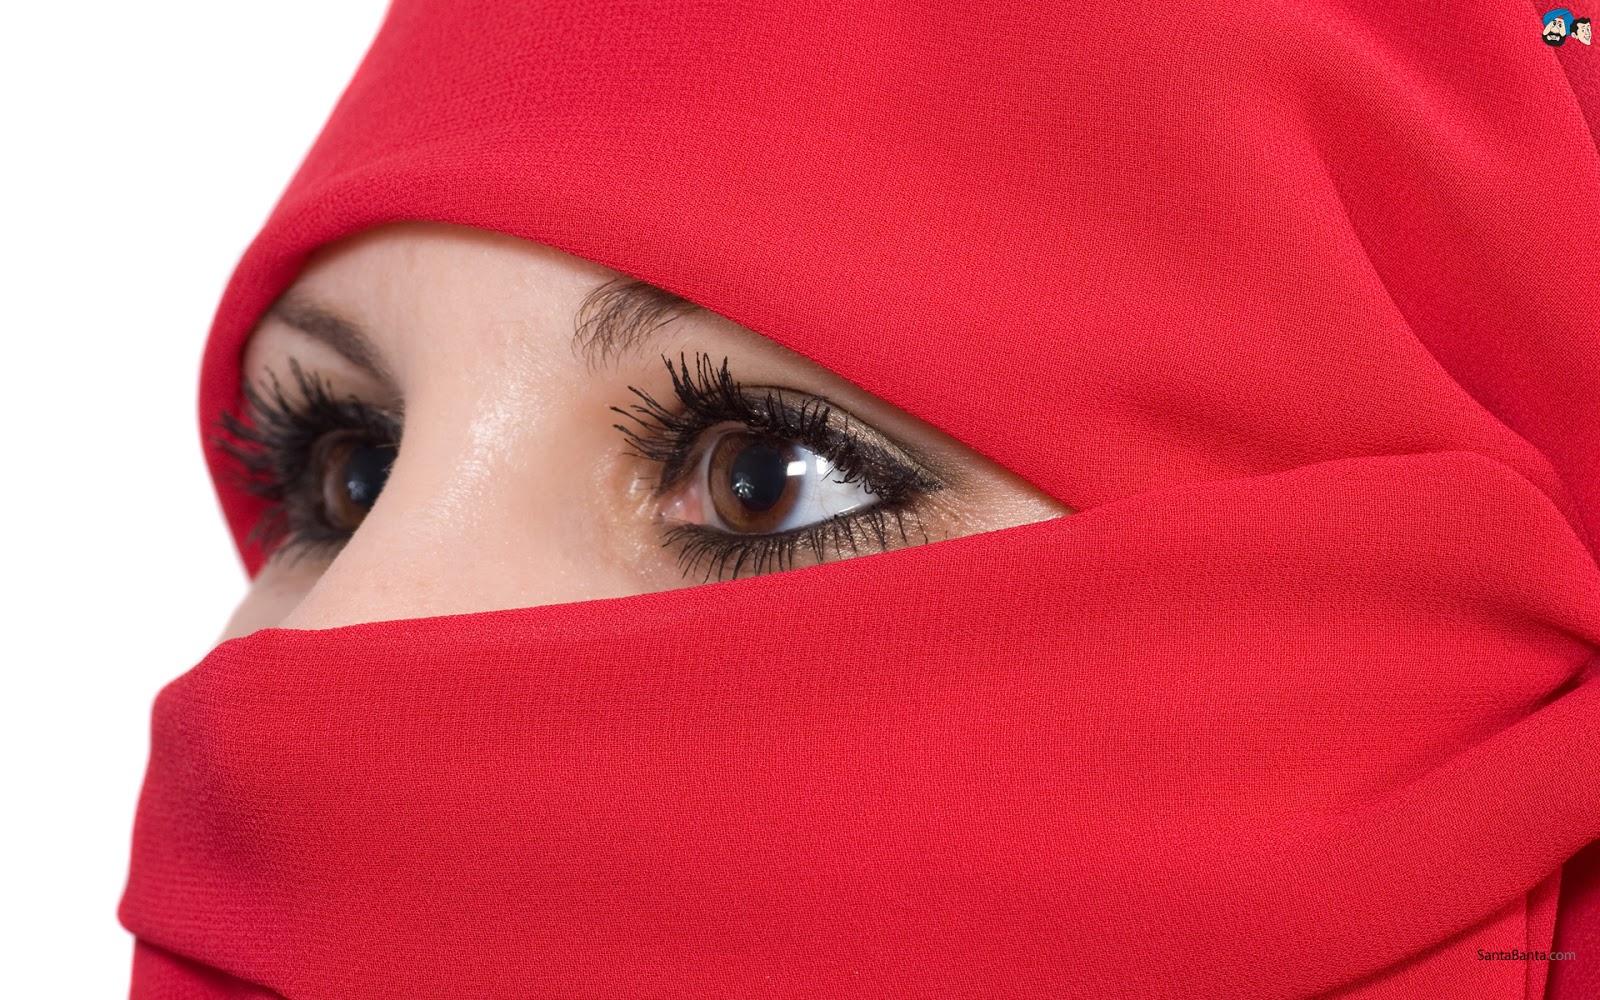 Arab Hijab Images | FemaleCelebrity